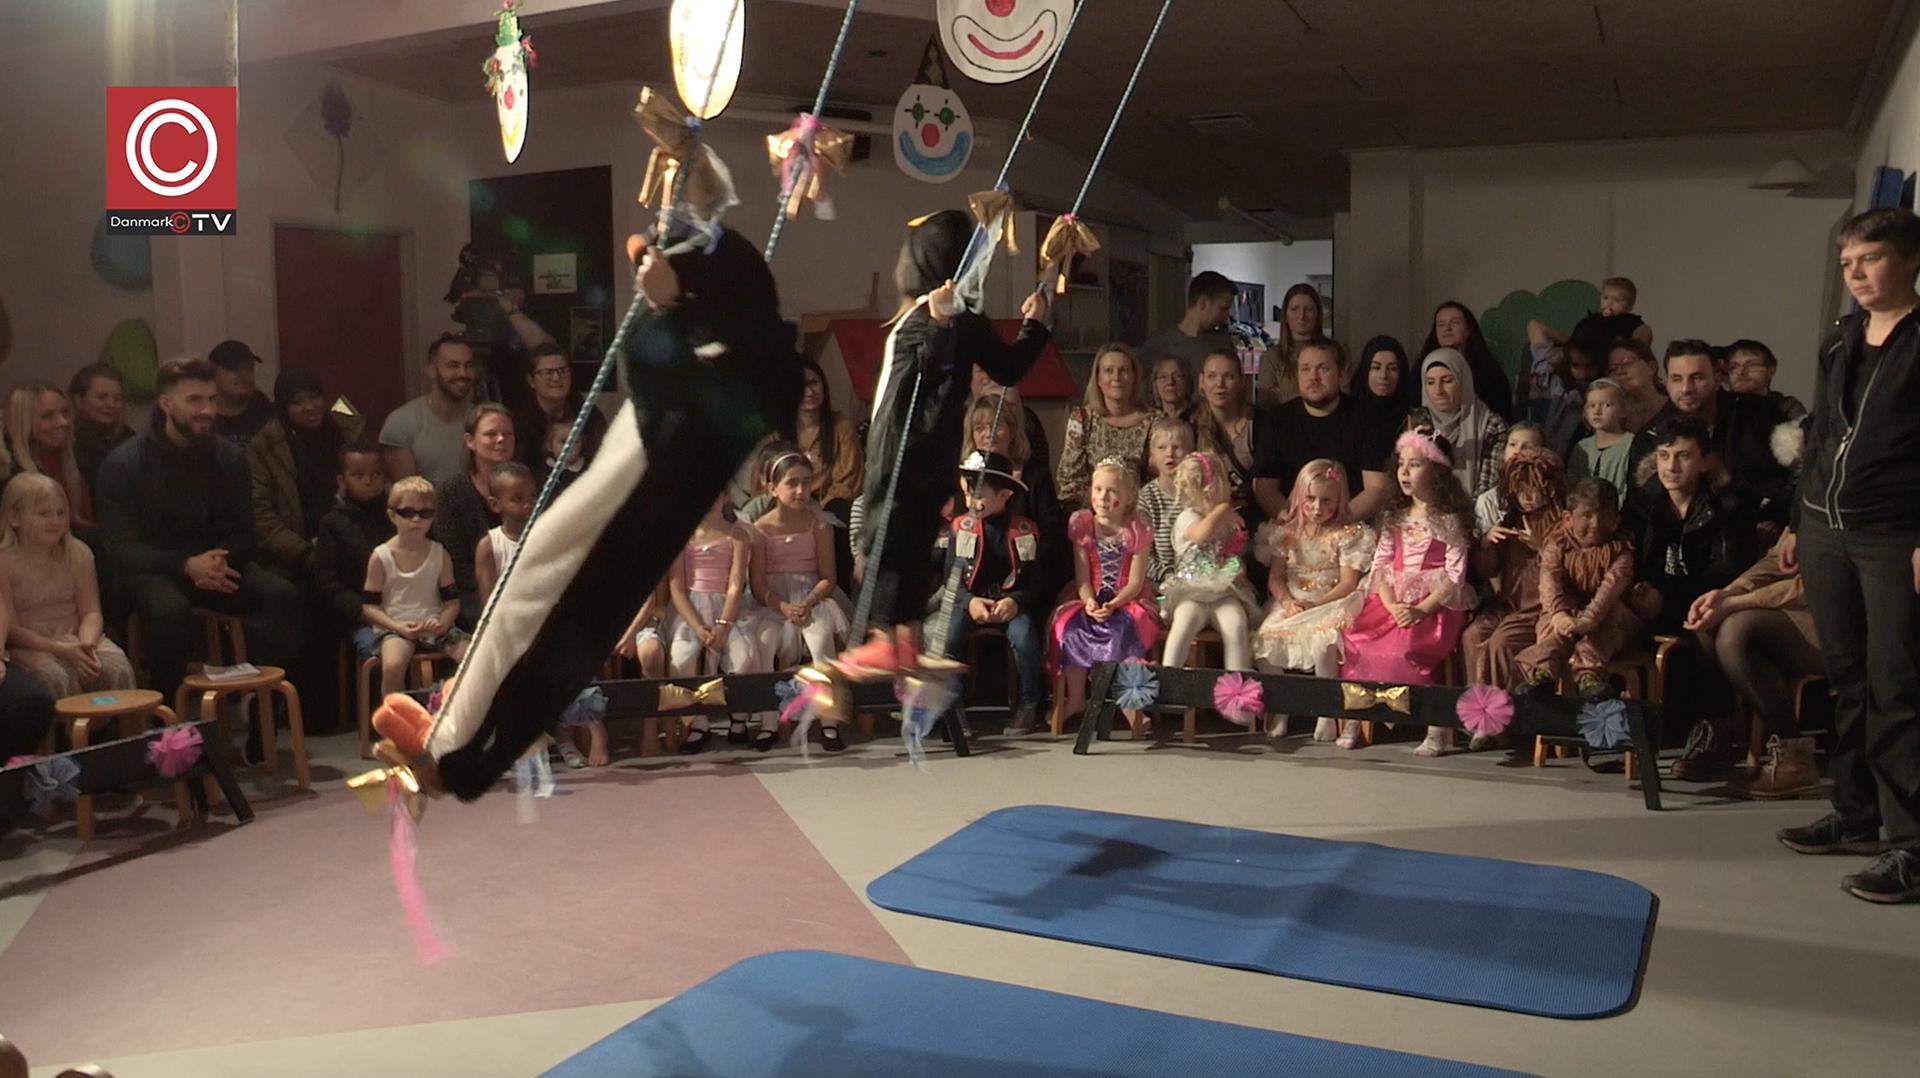 Se TV-indslag : Gyngende pingviner i Cirkus Kløverløkken